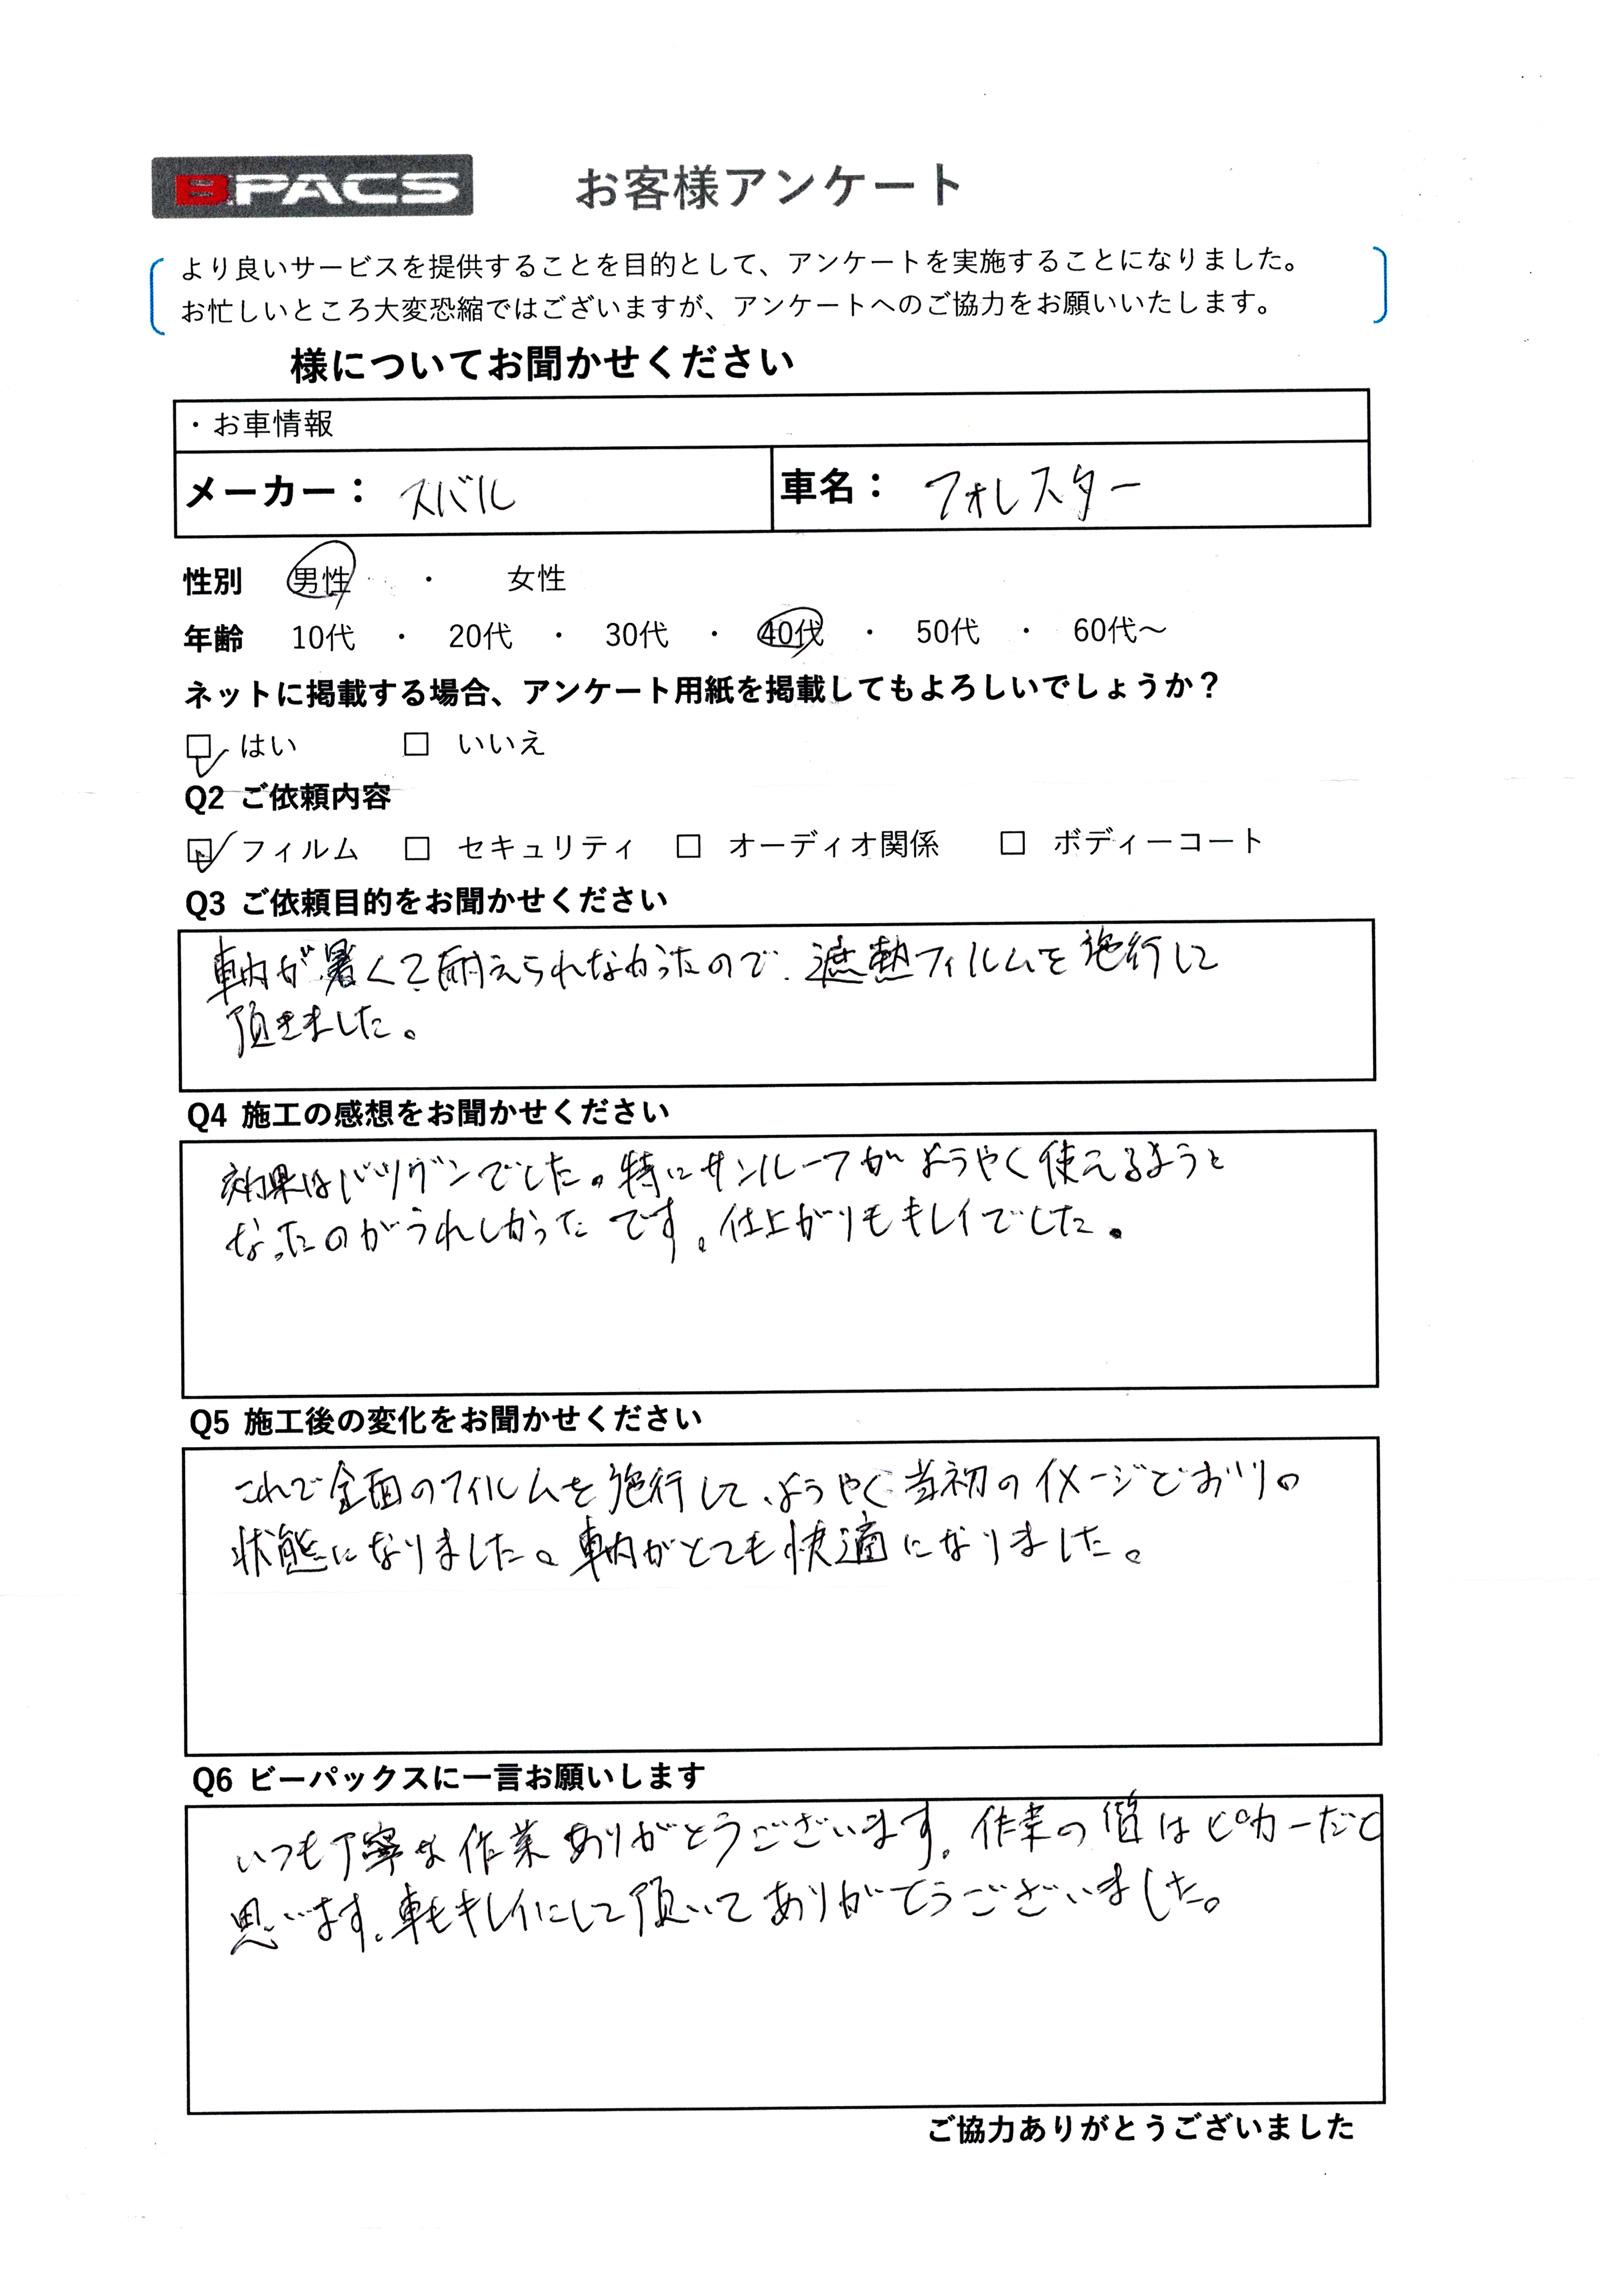 ビーパックスへのクチコミ/お客様の声:H.K. 様(京都市右京区)/スバル フォレスター